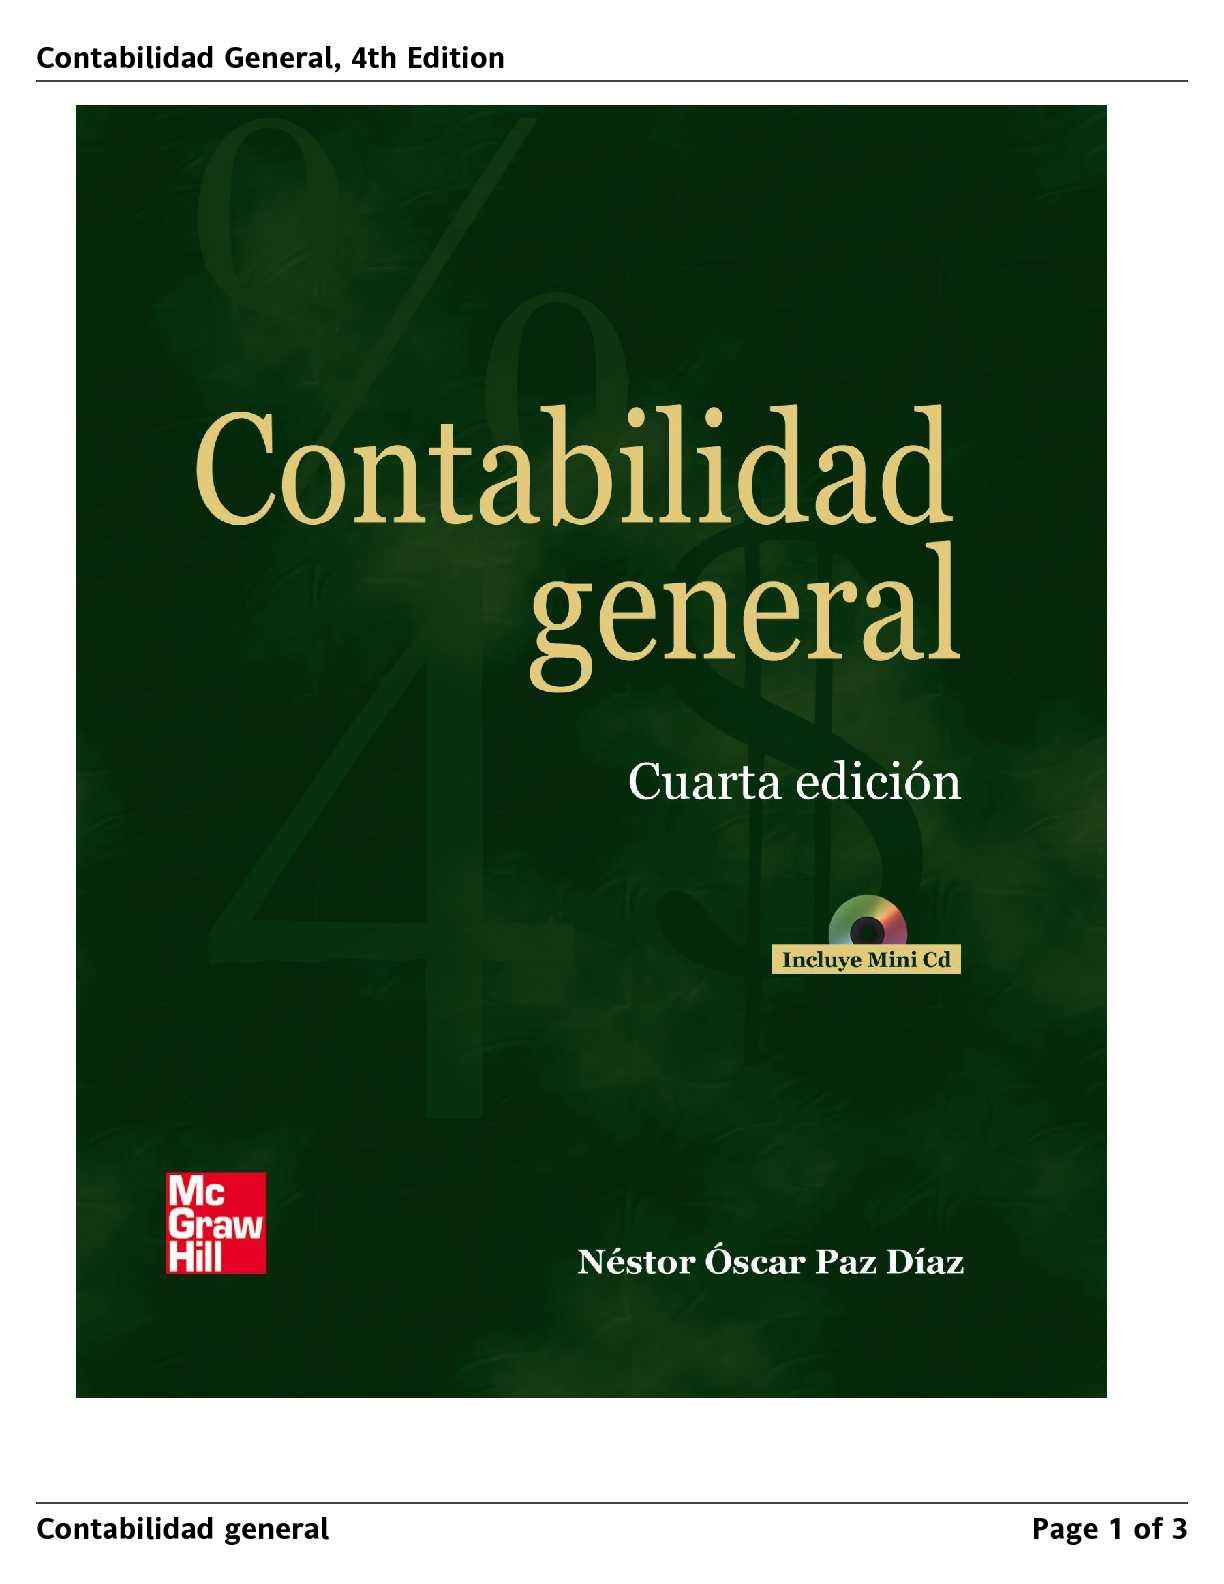 libro contabilidad hotelera pdf